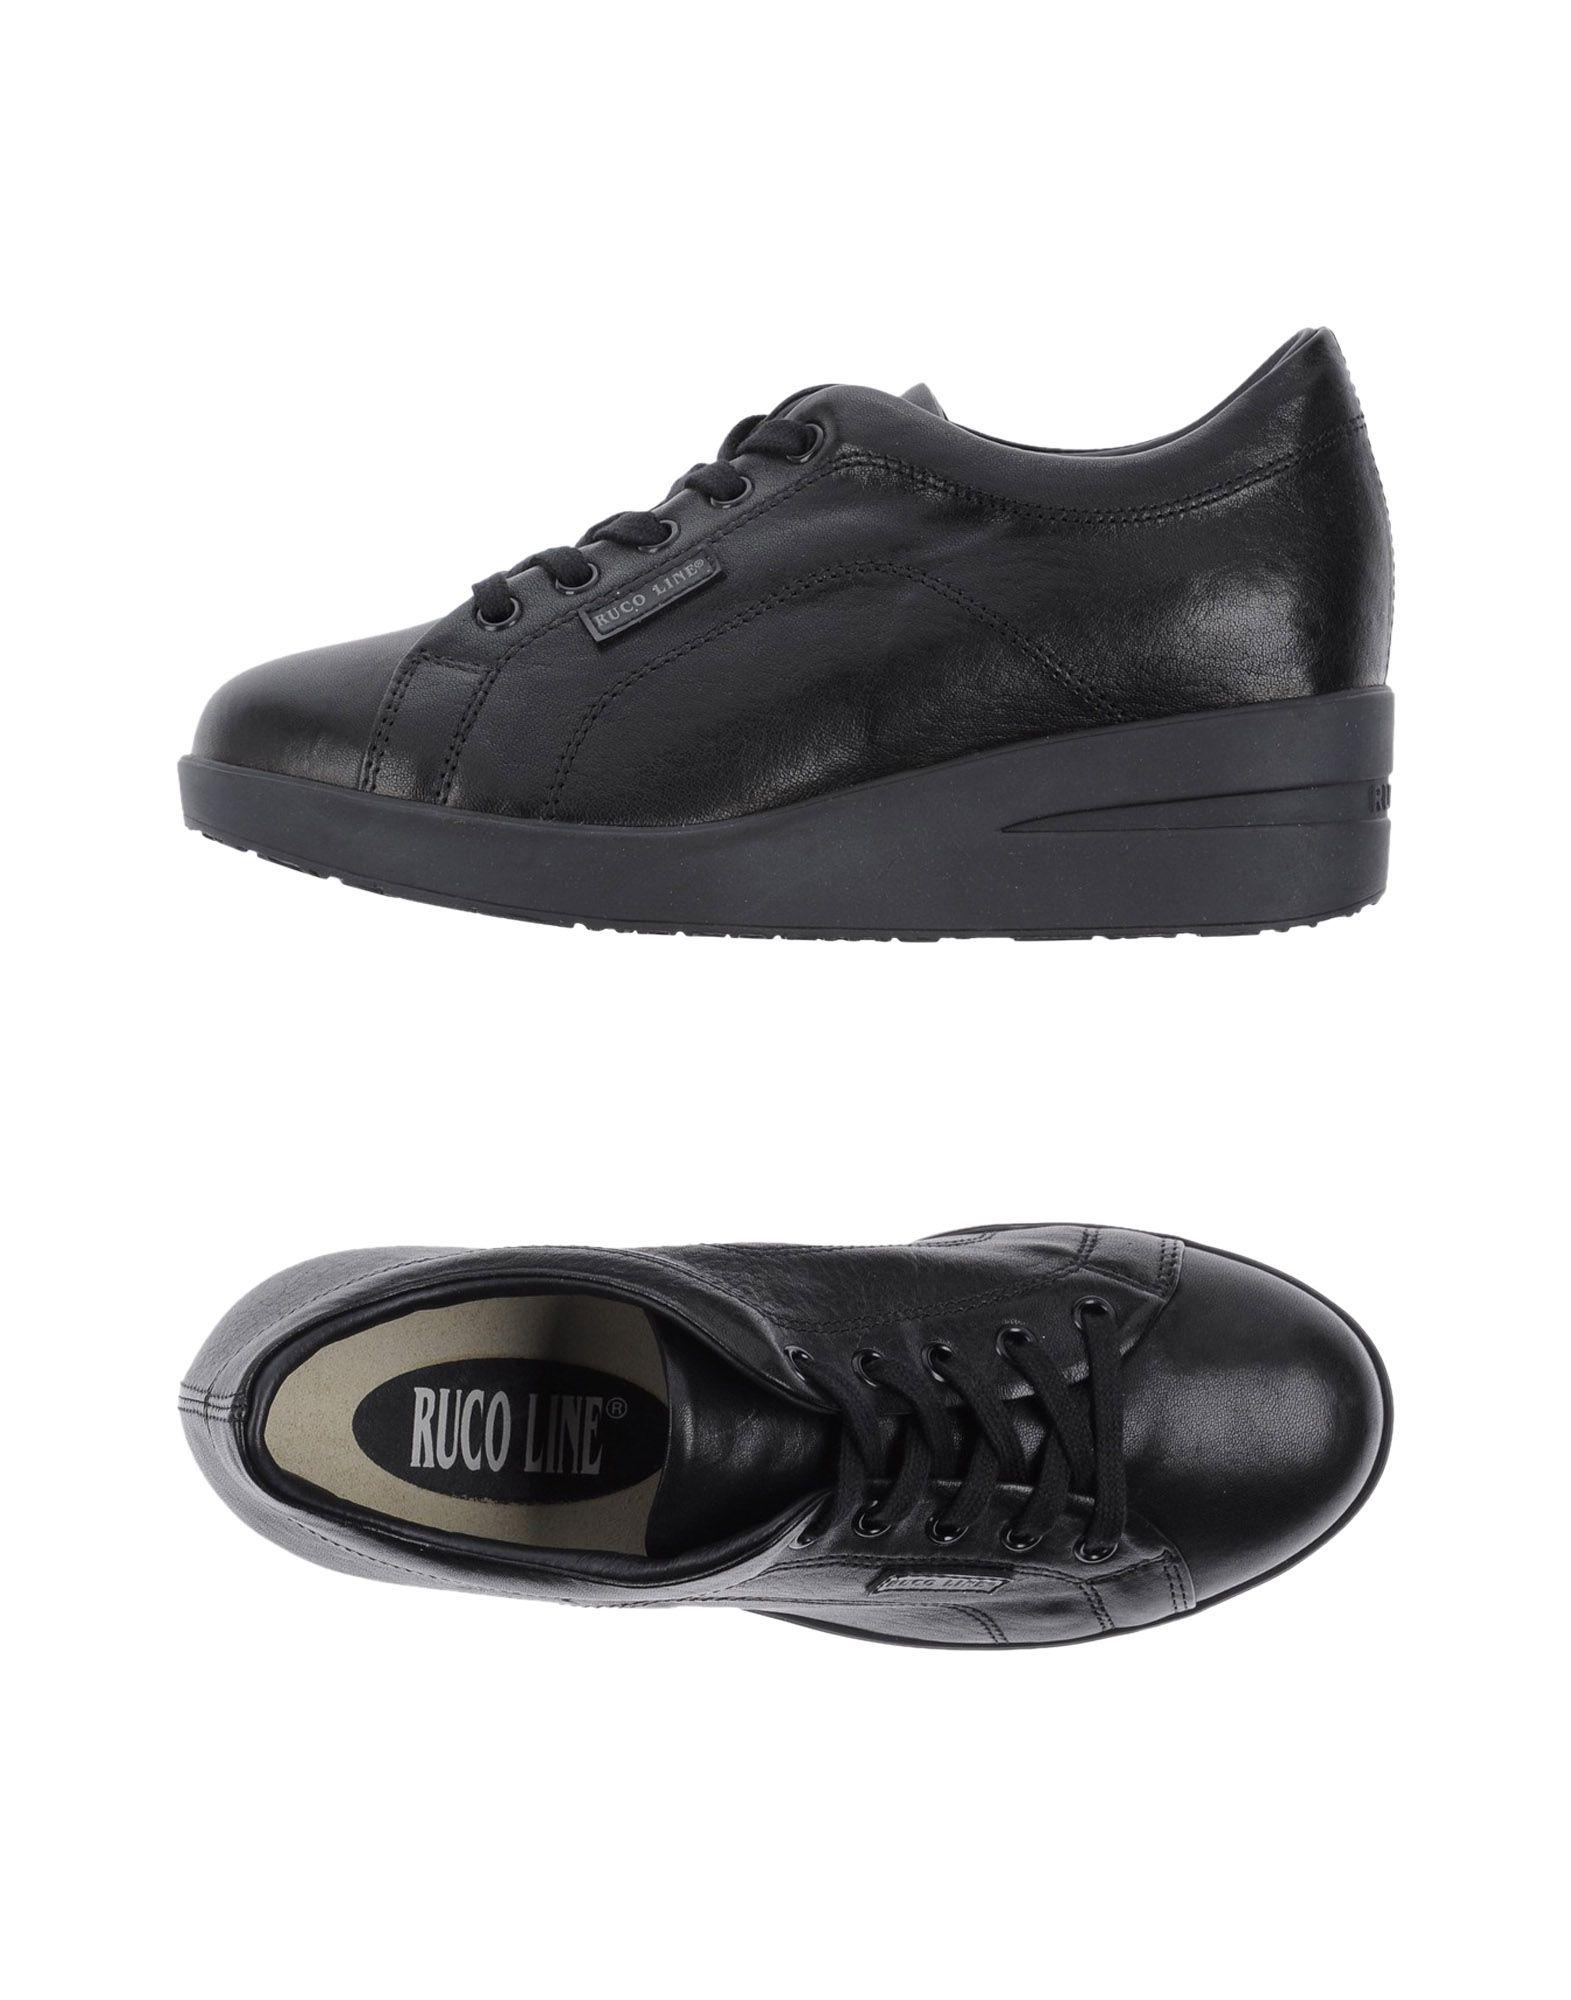 Ruco Line Sneakers Gutes Damen Gutes Sneakers Preis-Leistungs-Verhältnis, es lohnt sich 9cd44a